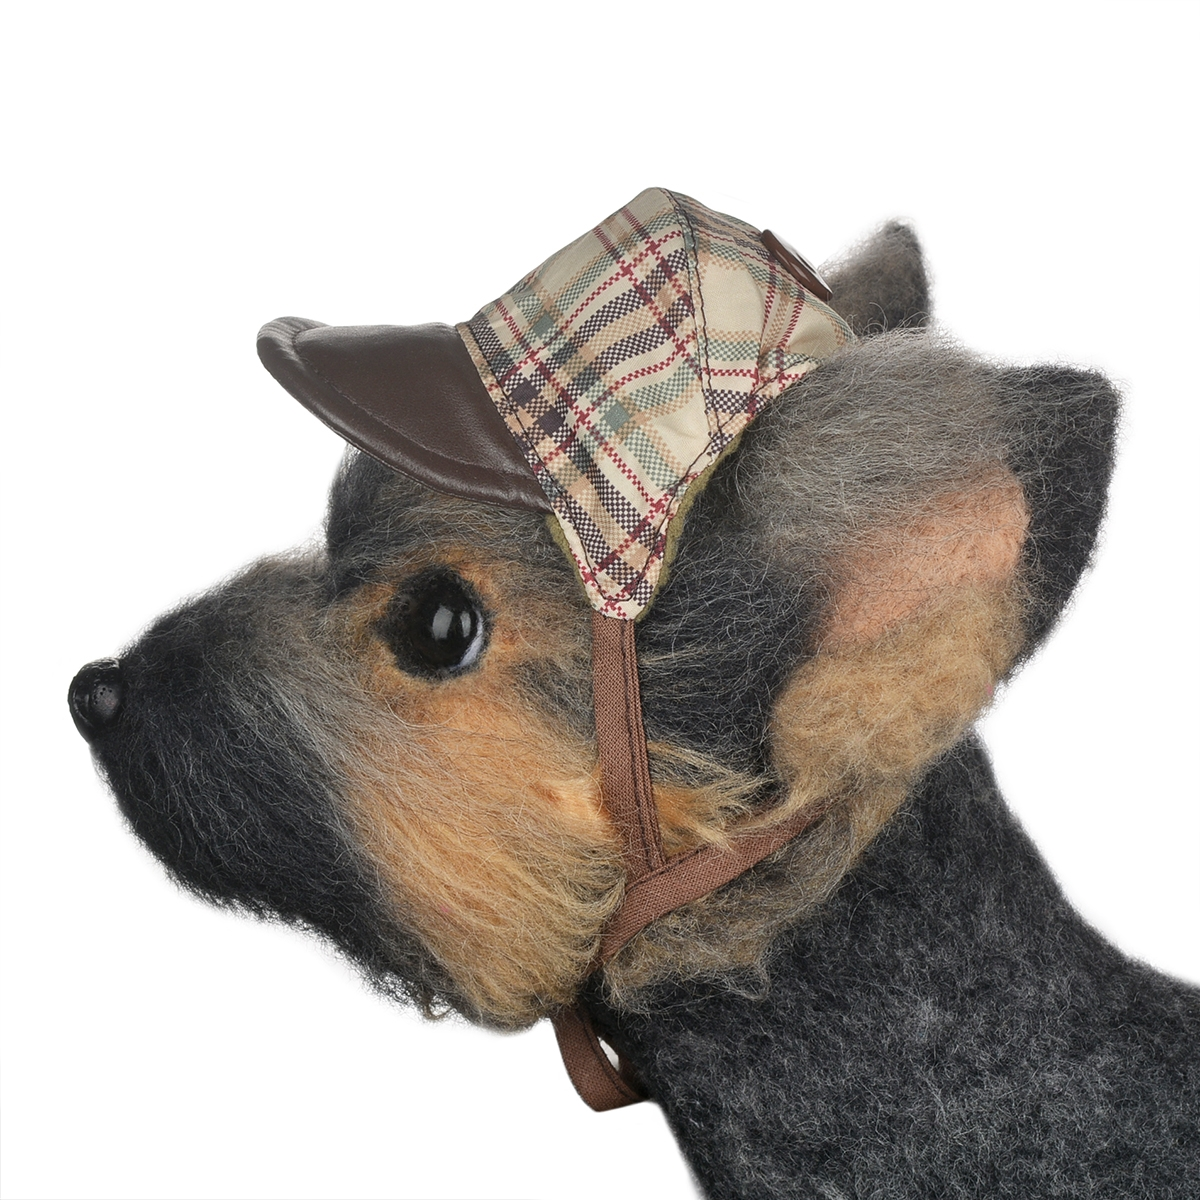 Кепка для собак Dogmoda Ватсон, унисекс, цвет: бежевый, коричневый. Размер 2 (M)DM-130003-2Стильная кепка Dogmoda Ватсон идеально подойдет для прогулок в прохладную погоду. Такая кепка обеспечит защиту от холода и ветра.Стильная кепка изготовлена из полиэстера, защищающего от ветра и снега, а подкладка выполнена из мягкого флиса, который обеспечивает отличный воздухообмен и превосходно сохраняет тепло.Модель оформлена стильным принтом в мелкую клетку. Изделие имеет козырек контрастного цвета. Шапка оснащена прорезями для ушек и фиксируется на голове питомца при помощи завязок.Оригинальный дизайн делает эту кепку модным и стильным предметом гардероба вашего любимца. В ней ваш питомец всегда будет в центре внимания!